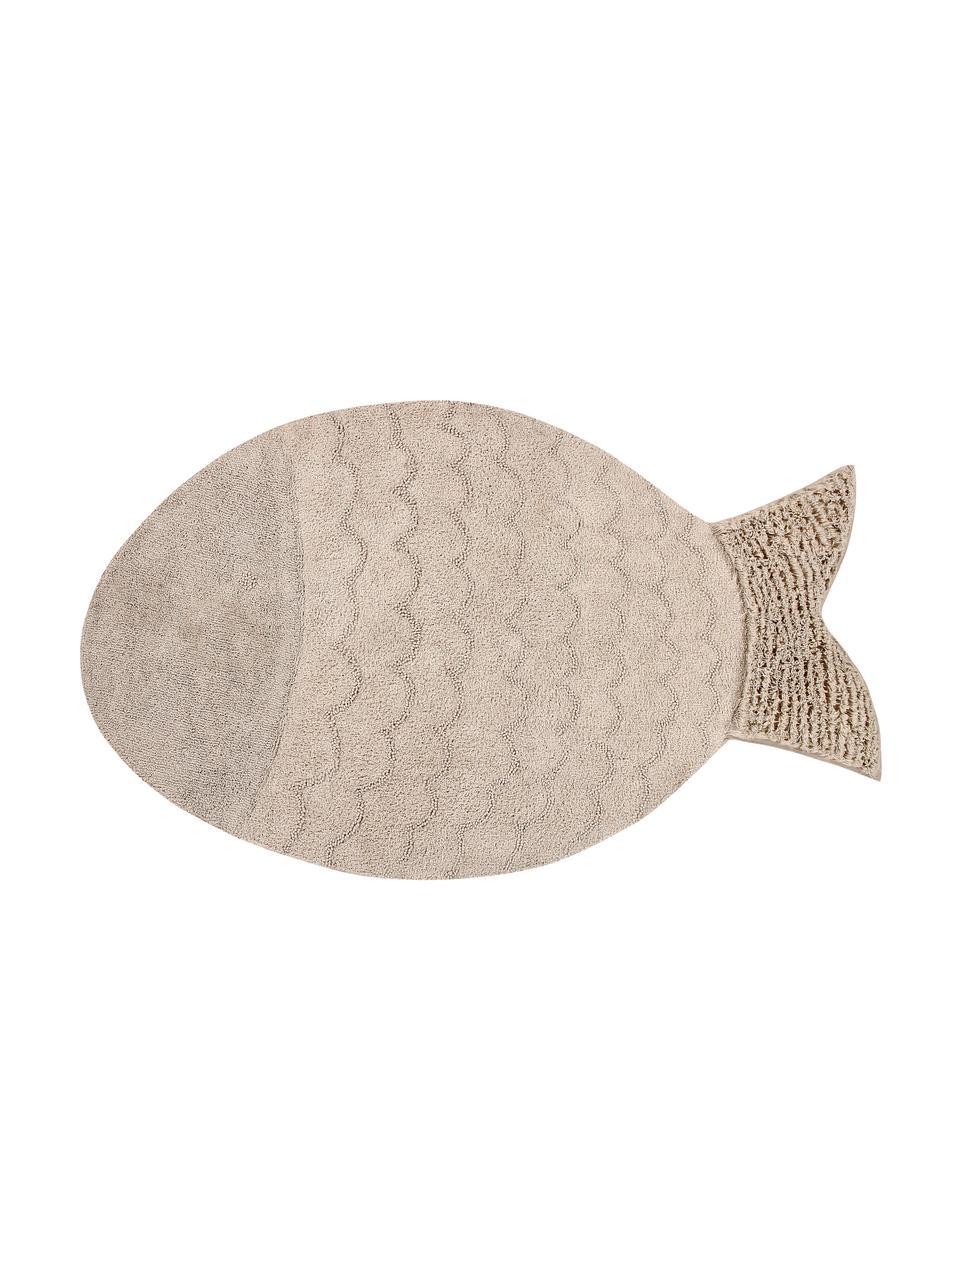 Tappeto a forma di pesce lavabile Big Fish, Vello: 97% cotone, 3% cotone ric, Retro: cotone riciclato, Beige, Larg. 110 x Lung. 180 cm